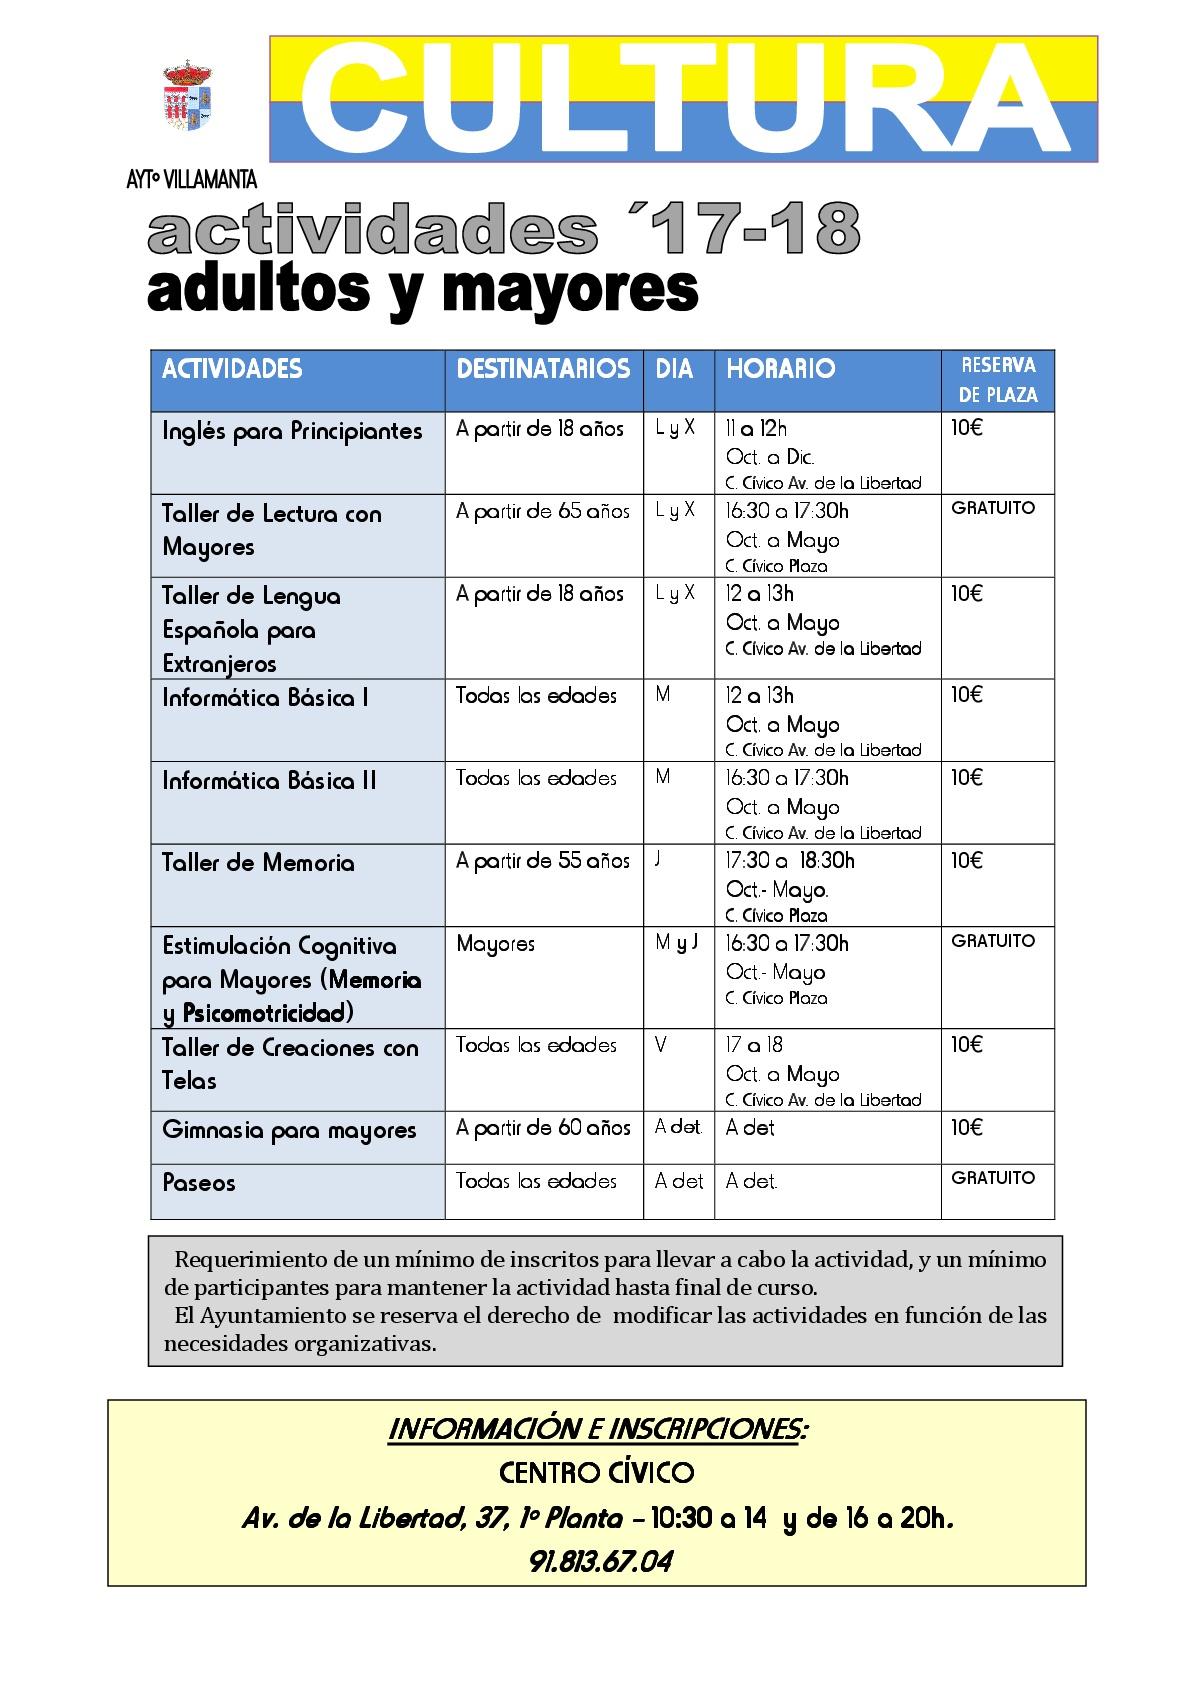 Actividades Culturales 2017/18 adultos y mayores